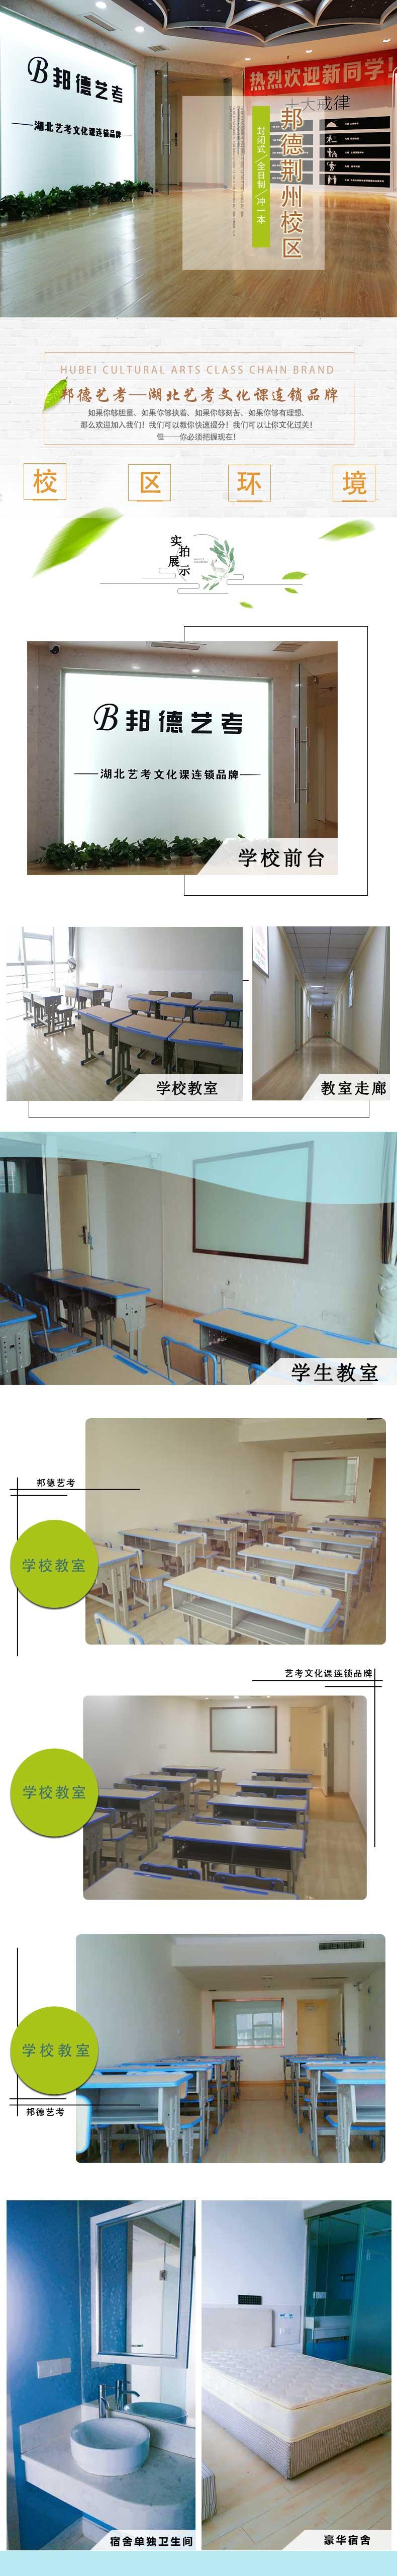 荆州艺术生文化课-荆州校区环境介绍